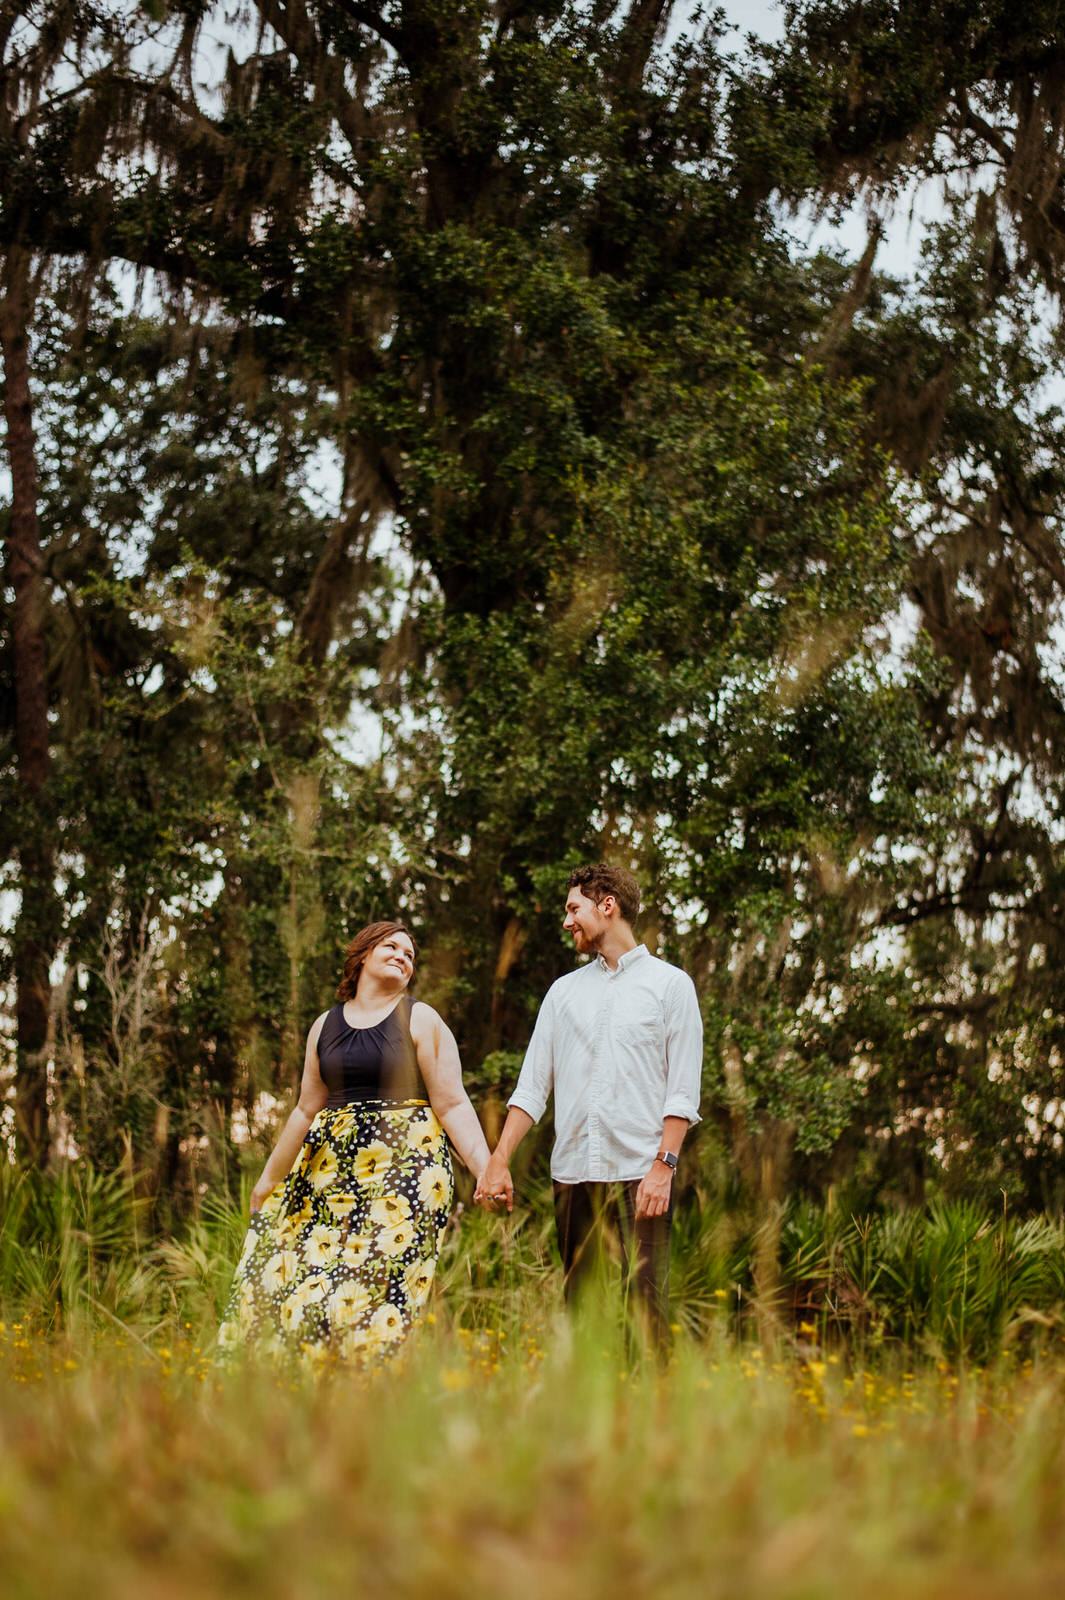 Amanda&Dylan'sEngagement42.jpg